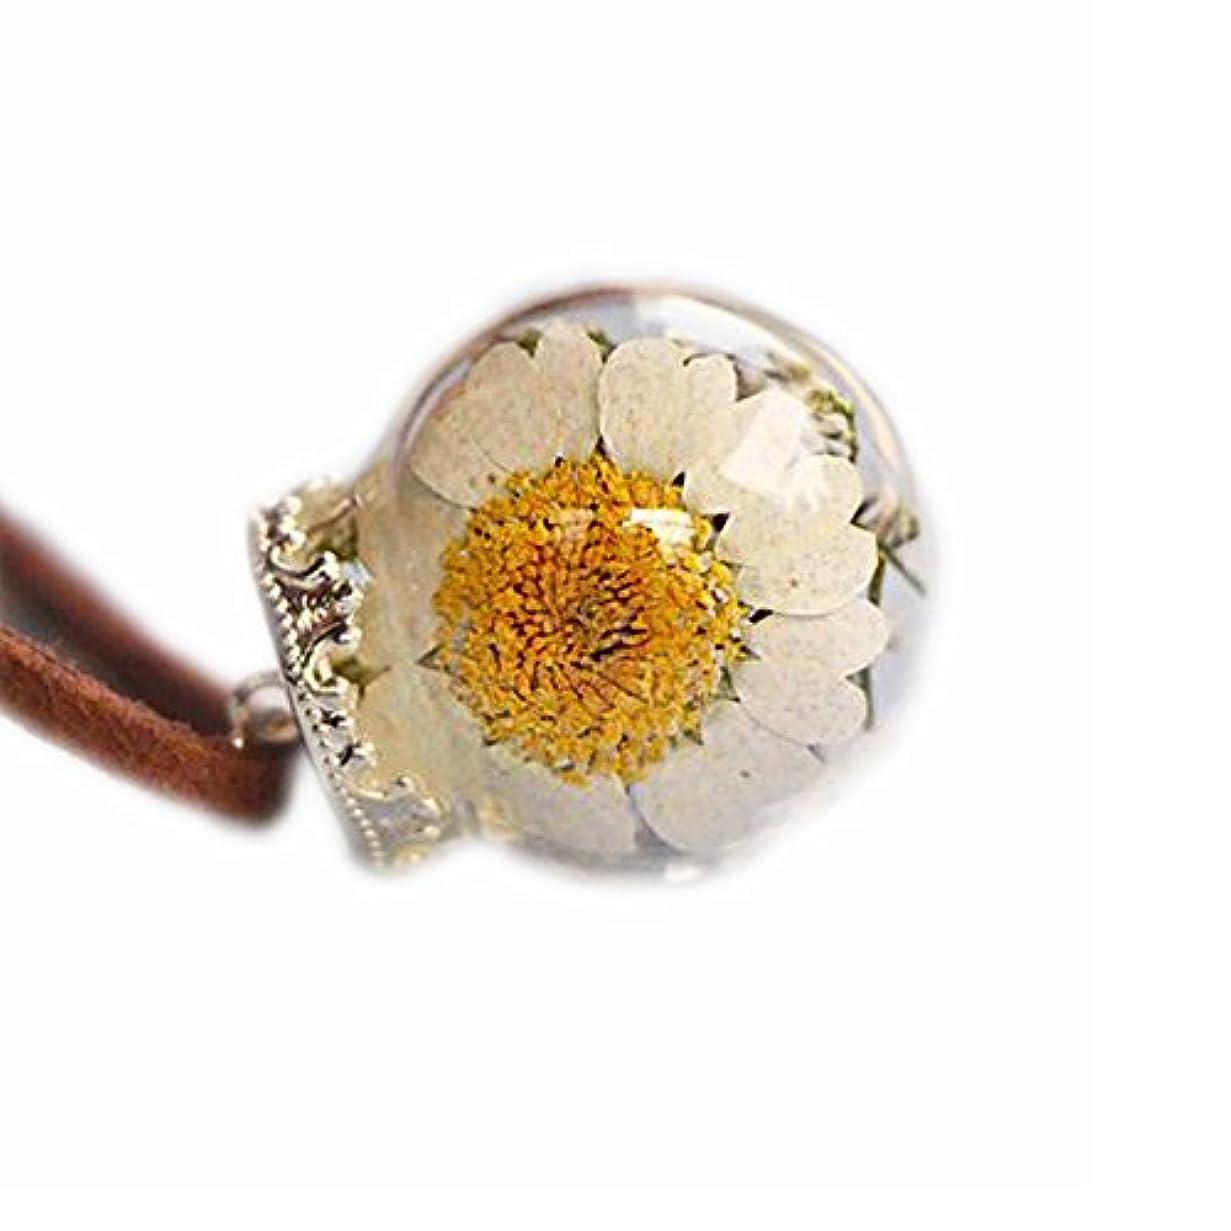 商人飛行機入手します美しい乾燥した花のペンダントネックレス特別なネックレス良いギフト